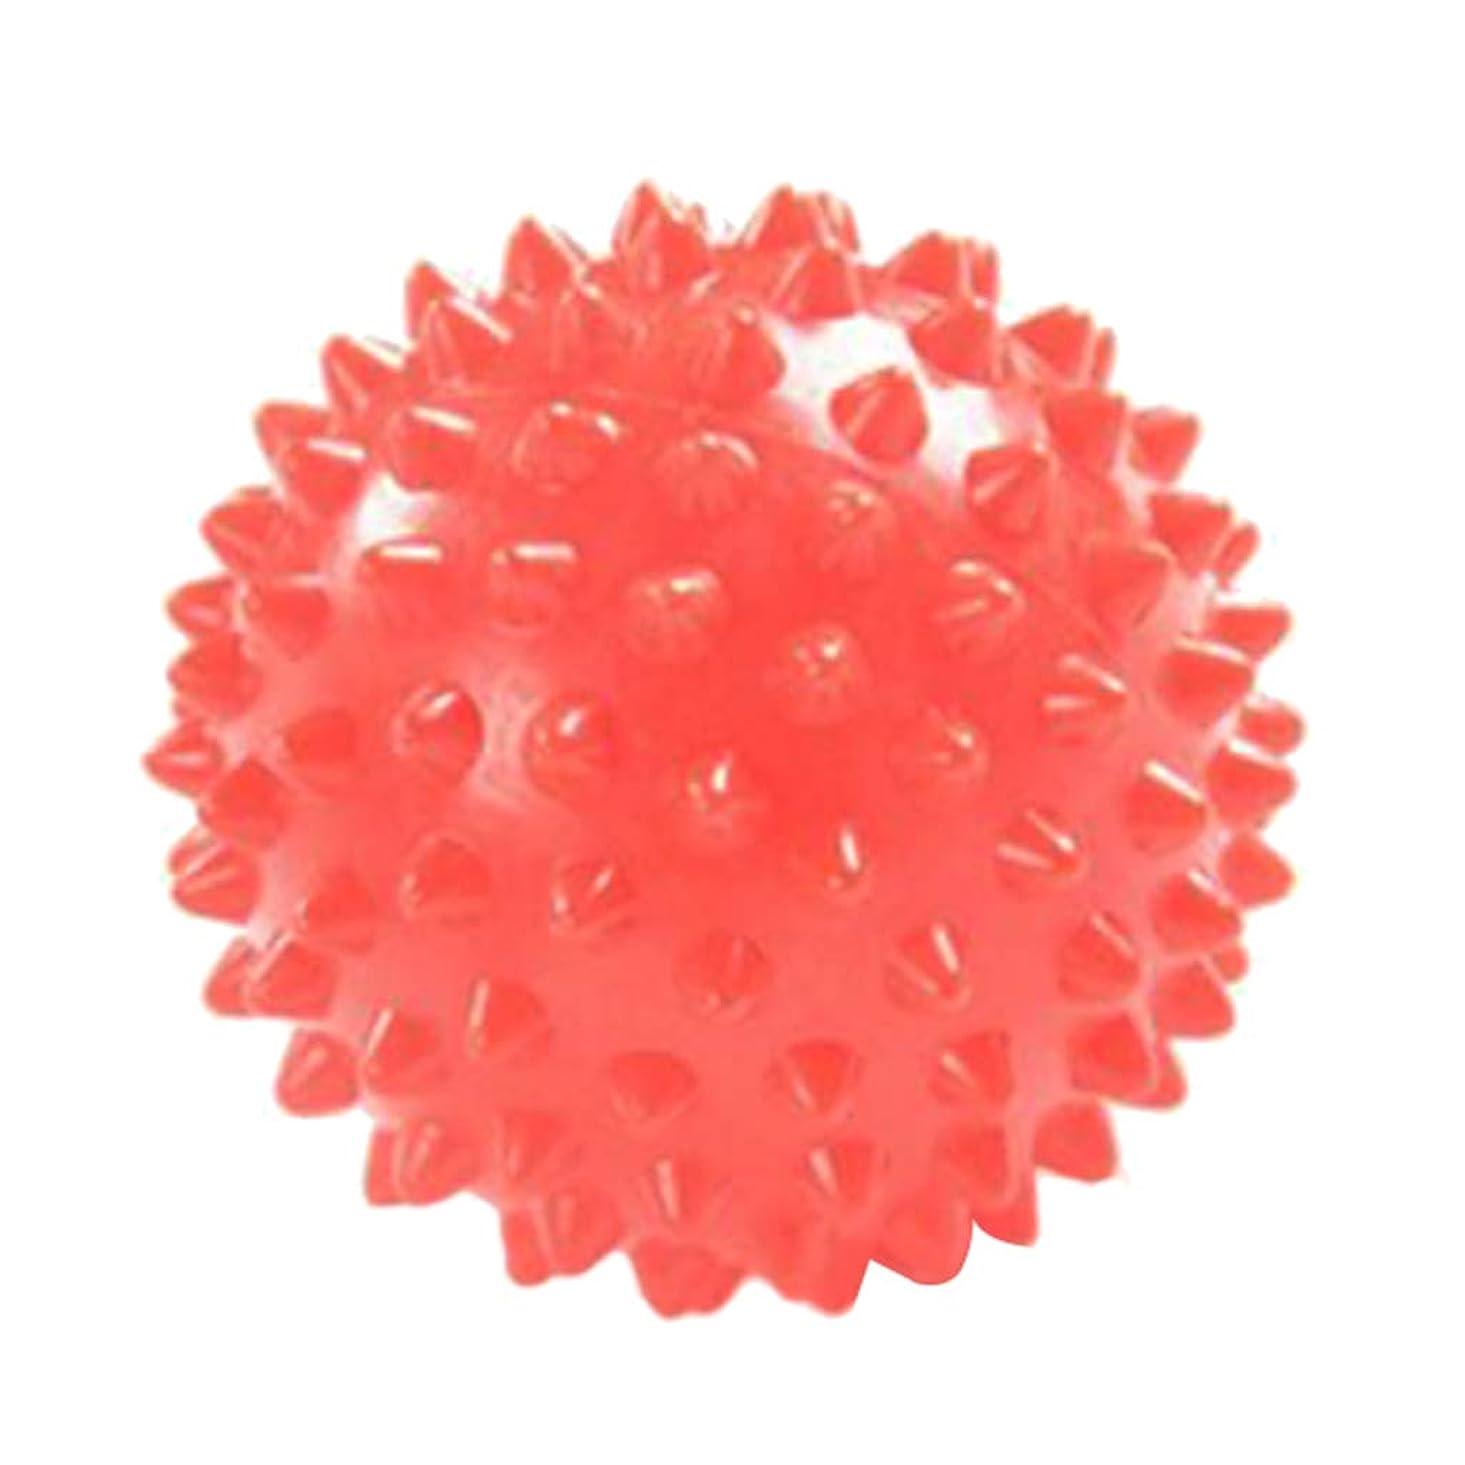 湿地ボランティア寛大なPerfeclan ヨガ マッサージボール 触覚ボール ツボ押し 7cm オレンジ